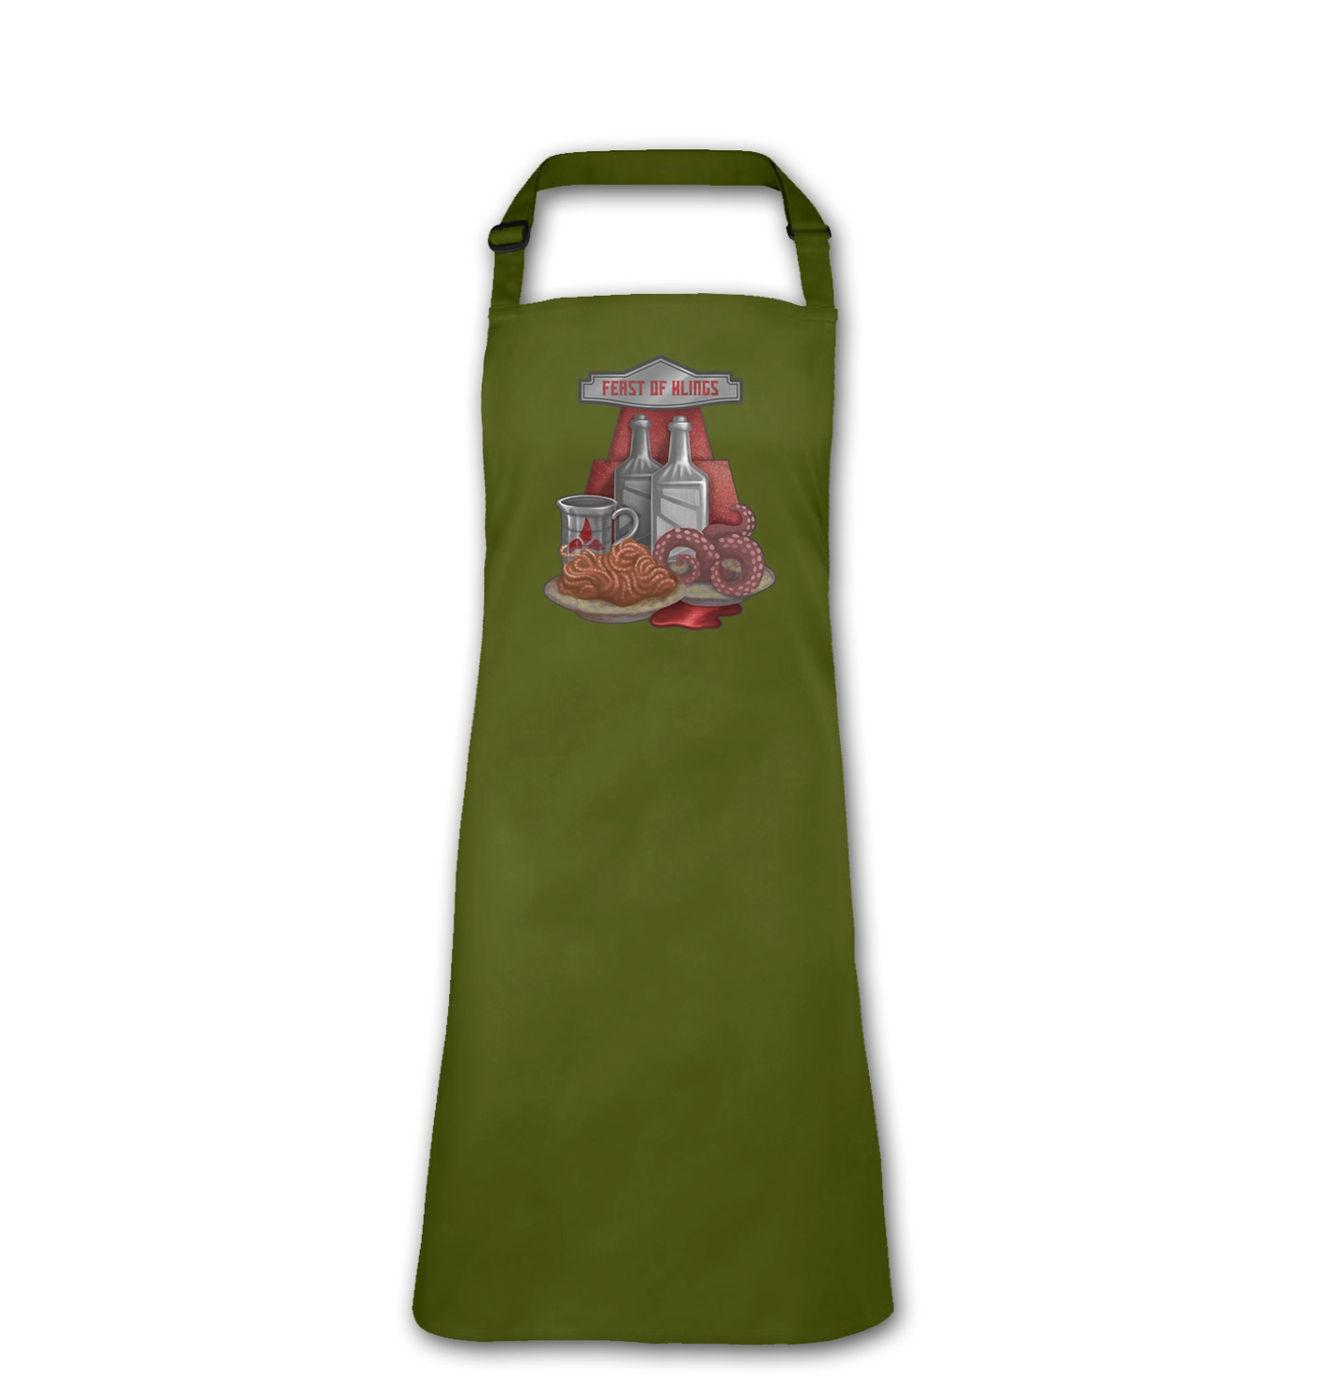 Feast Of Klings adult apron by Something Geeky